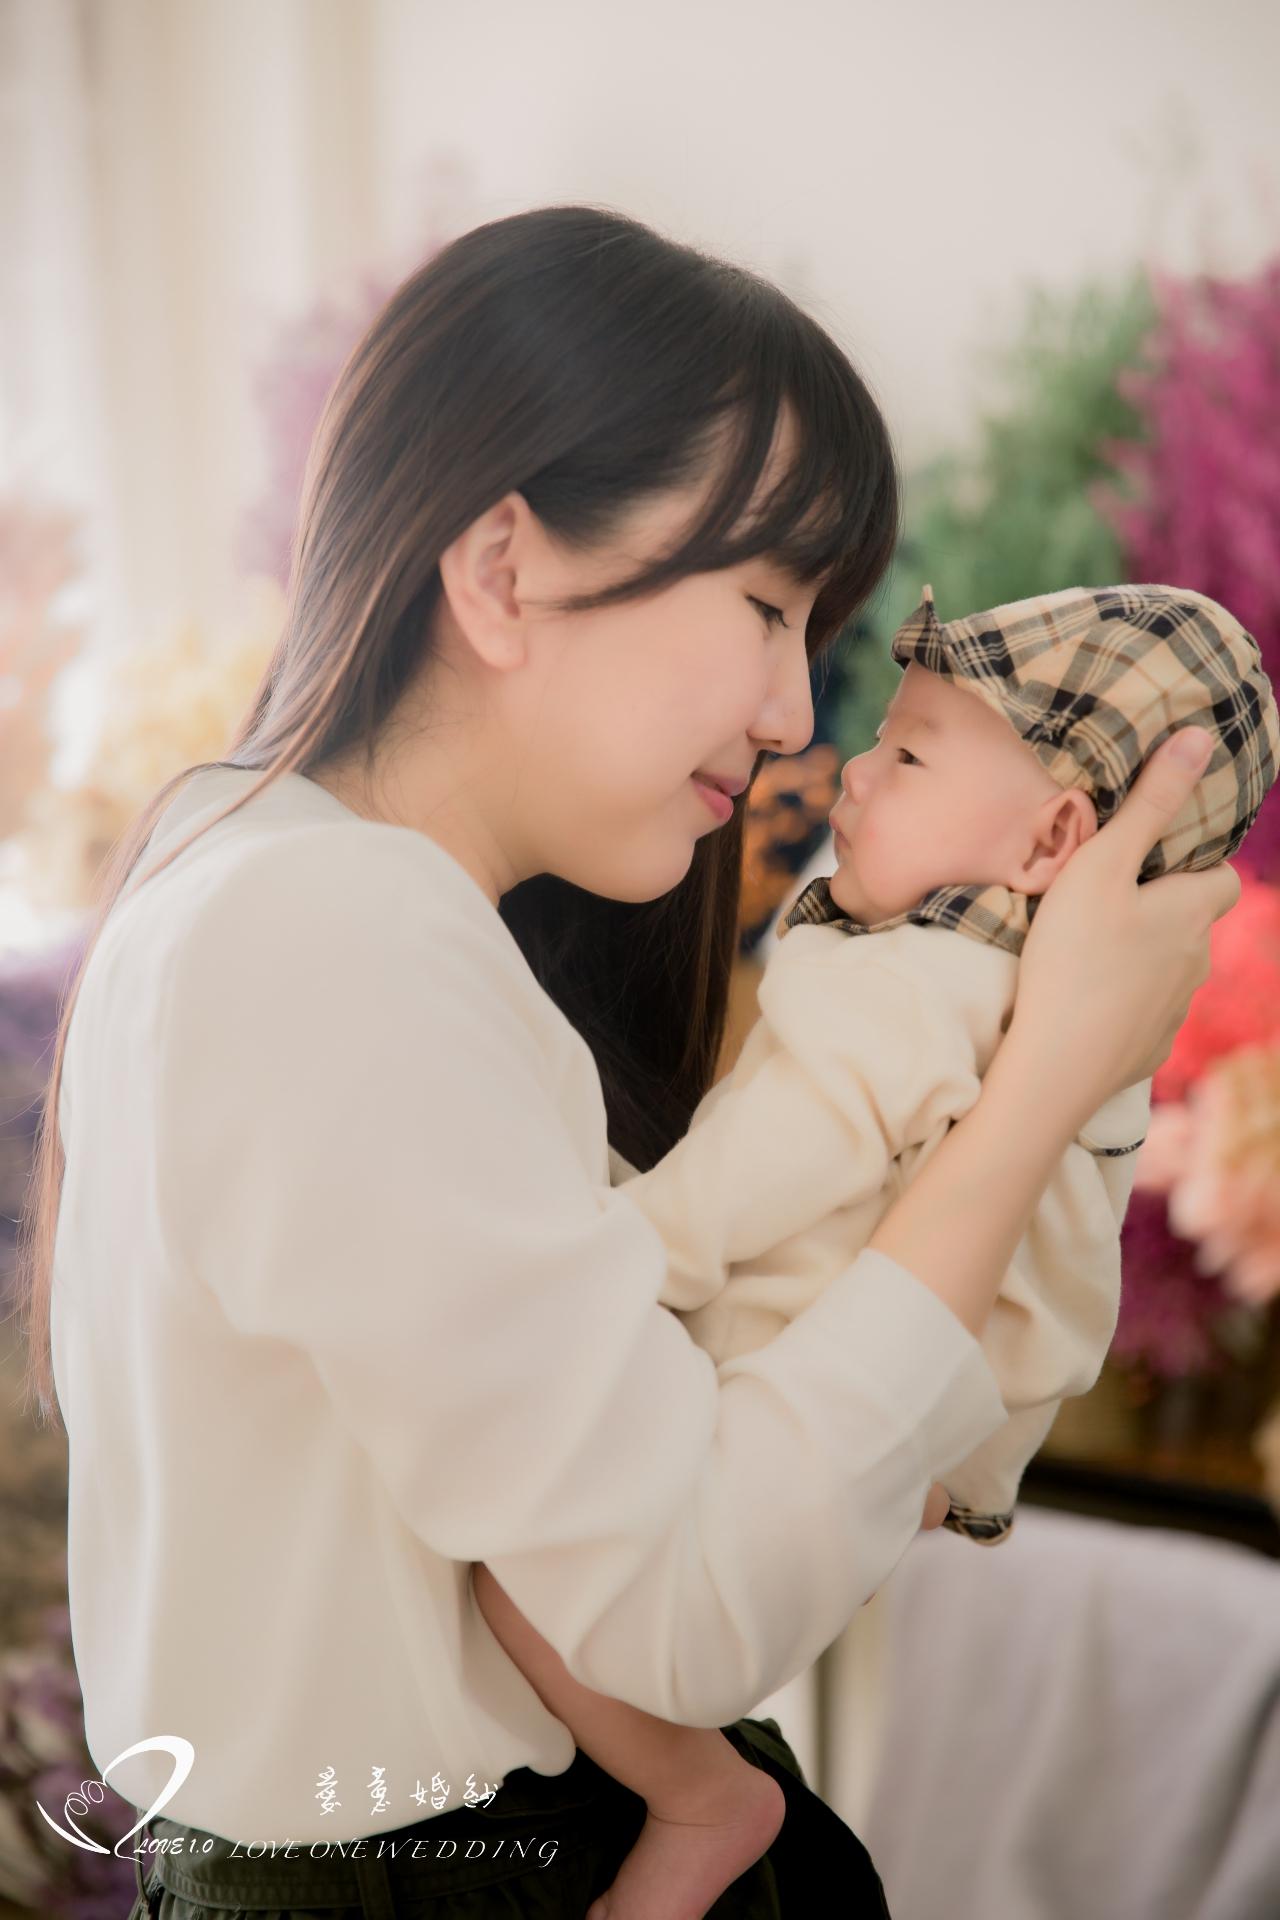 高雄新生兒寫真愛意6